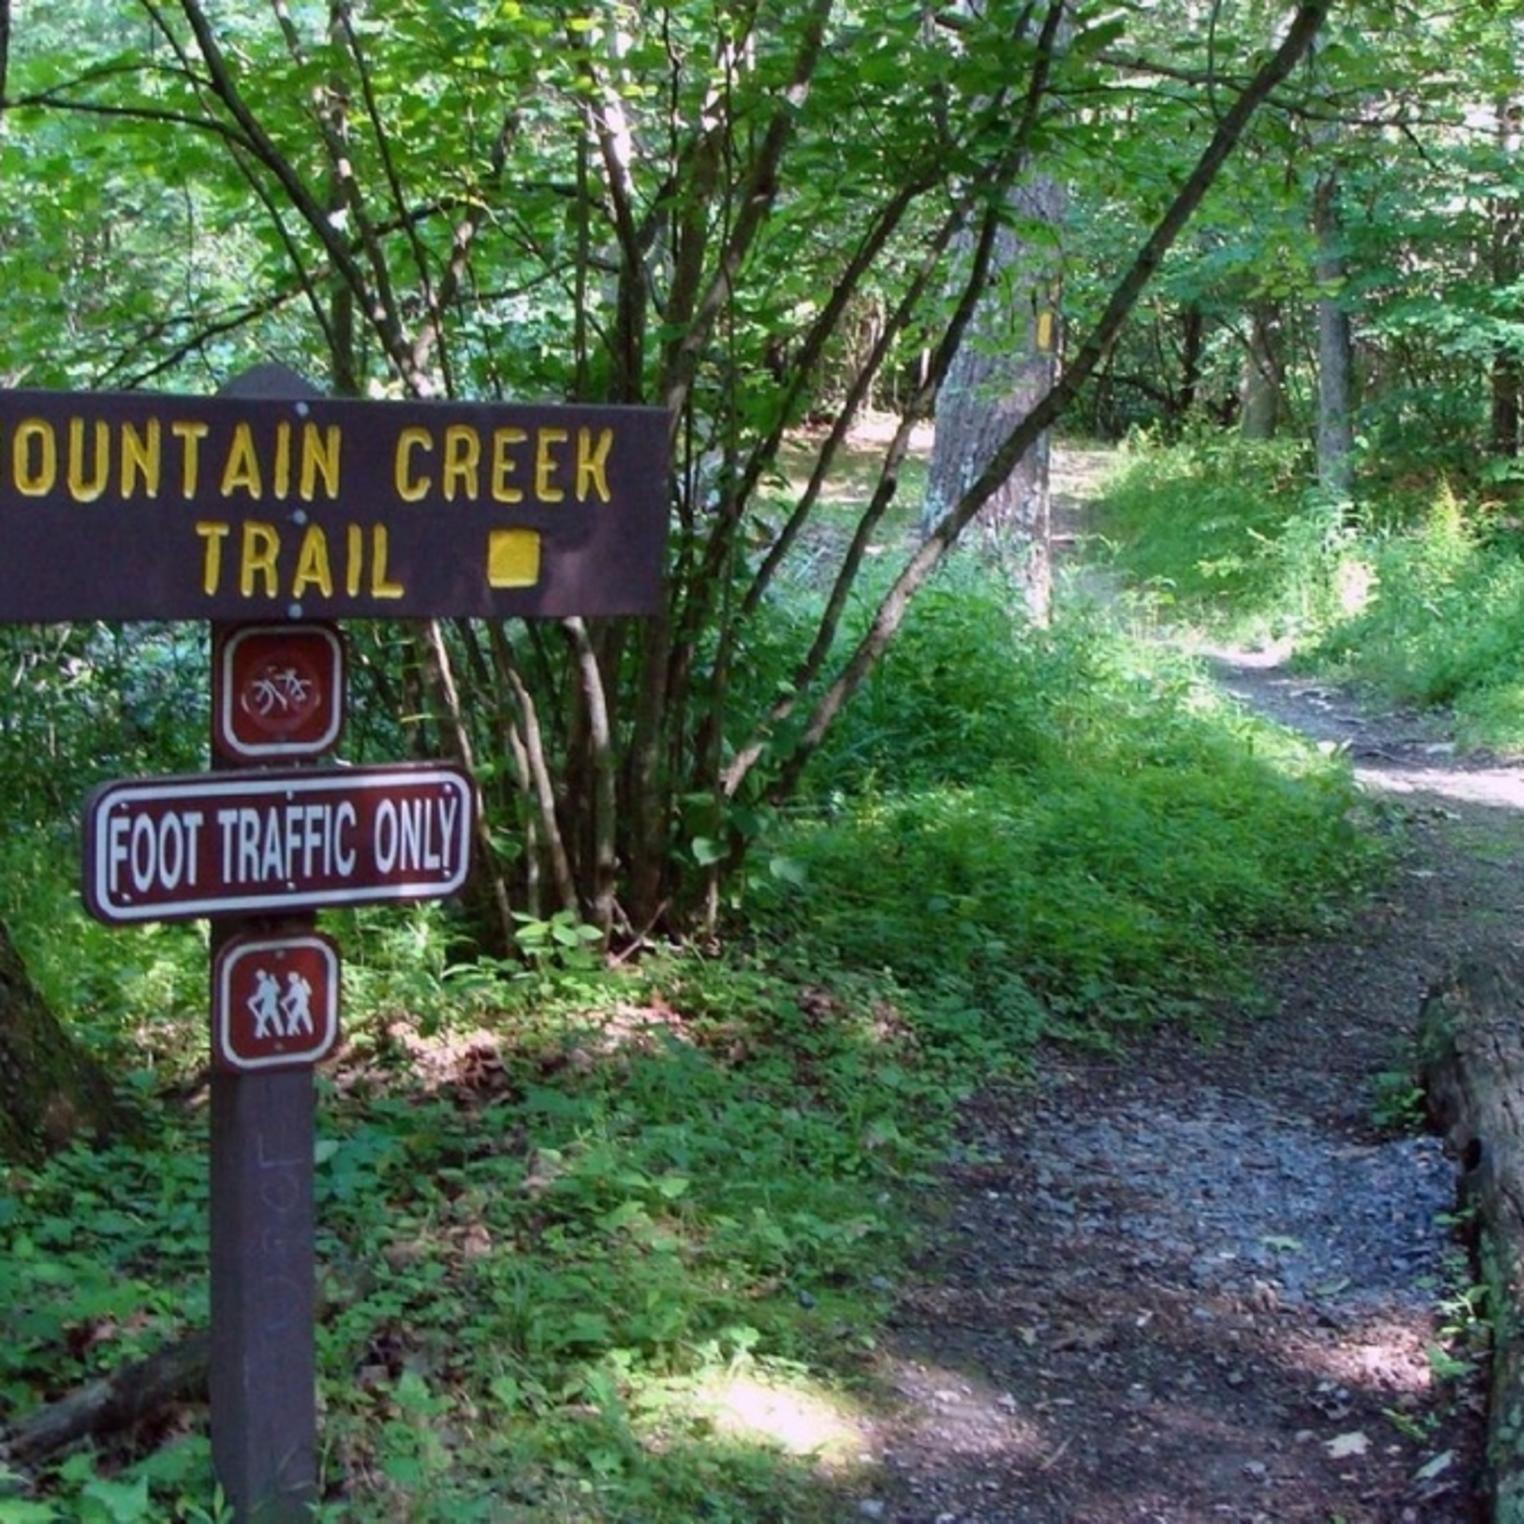 Mountain Creek Trail